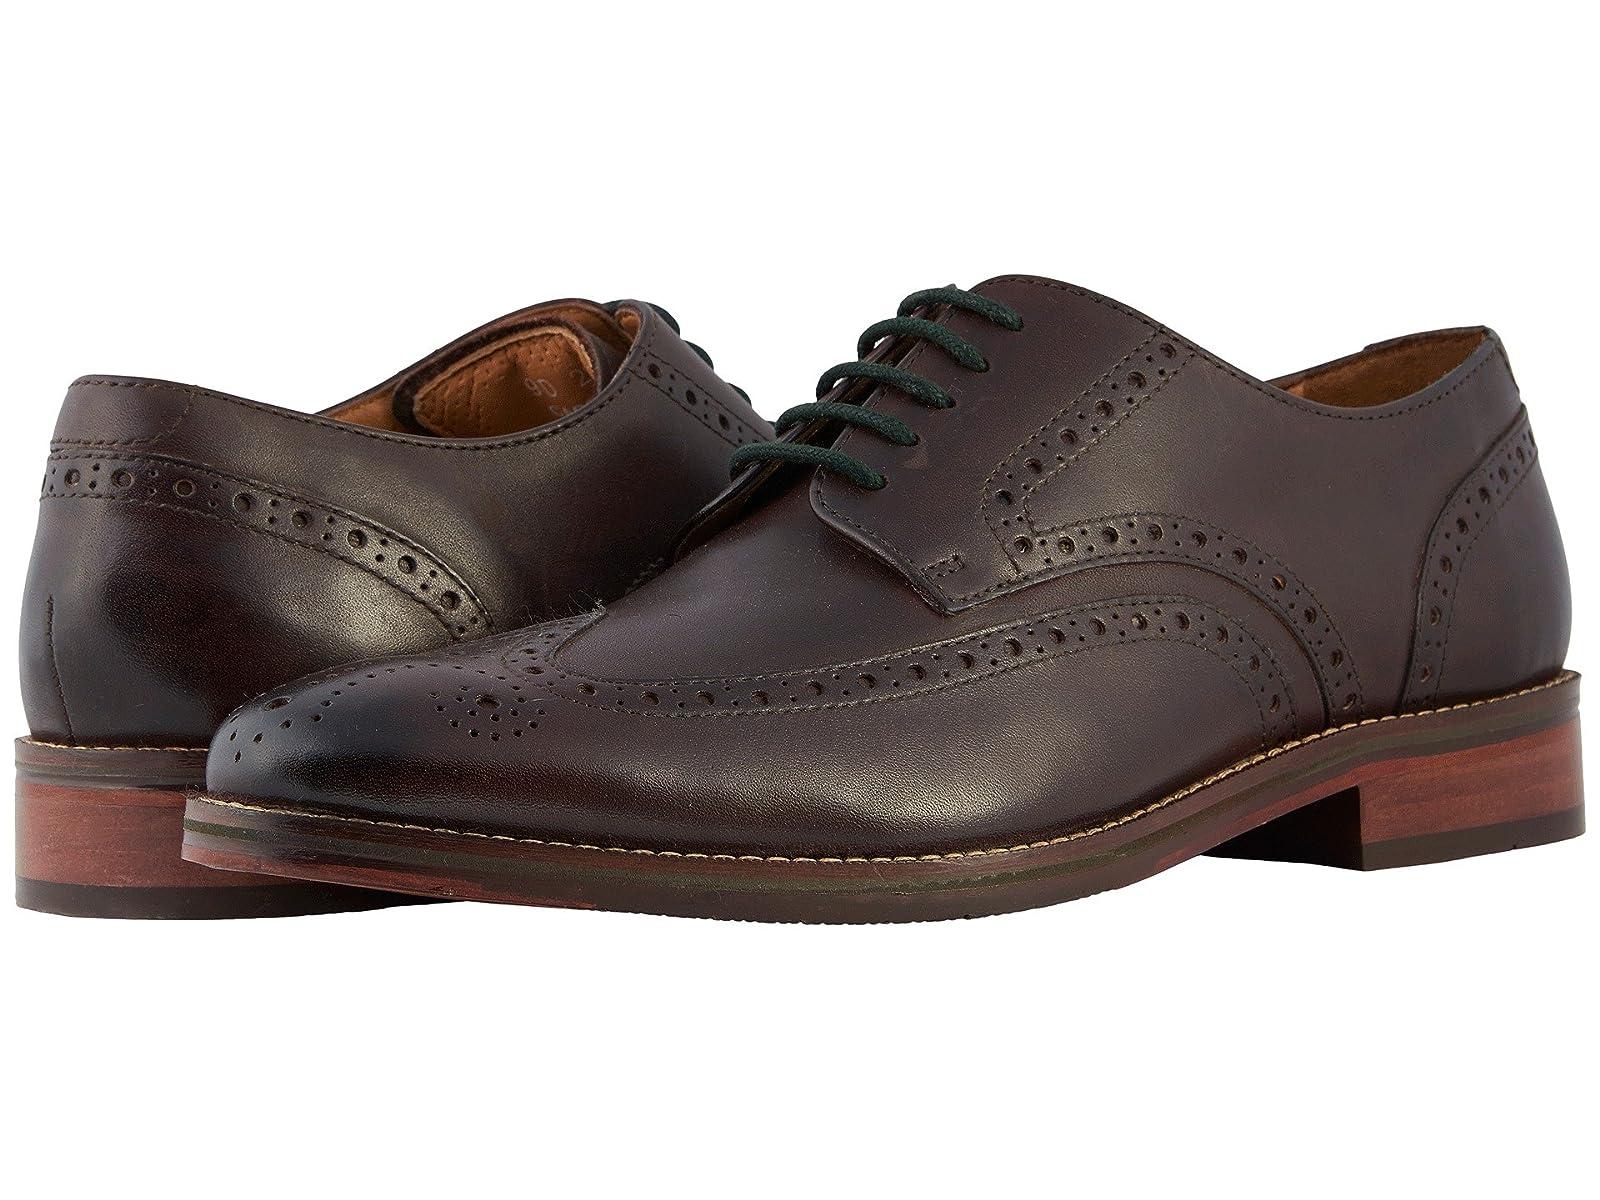 Florsheim Salerno Wingtip OxfordAtmospheric grades have affordable shoes